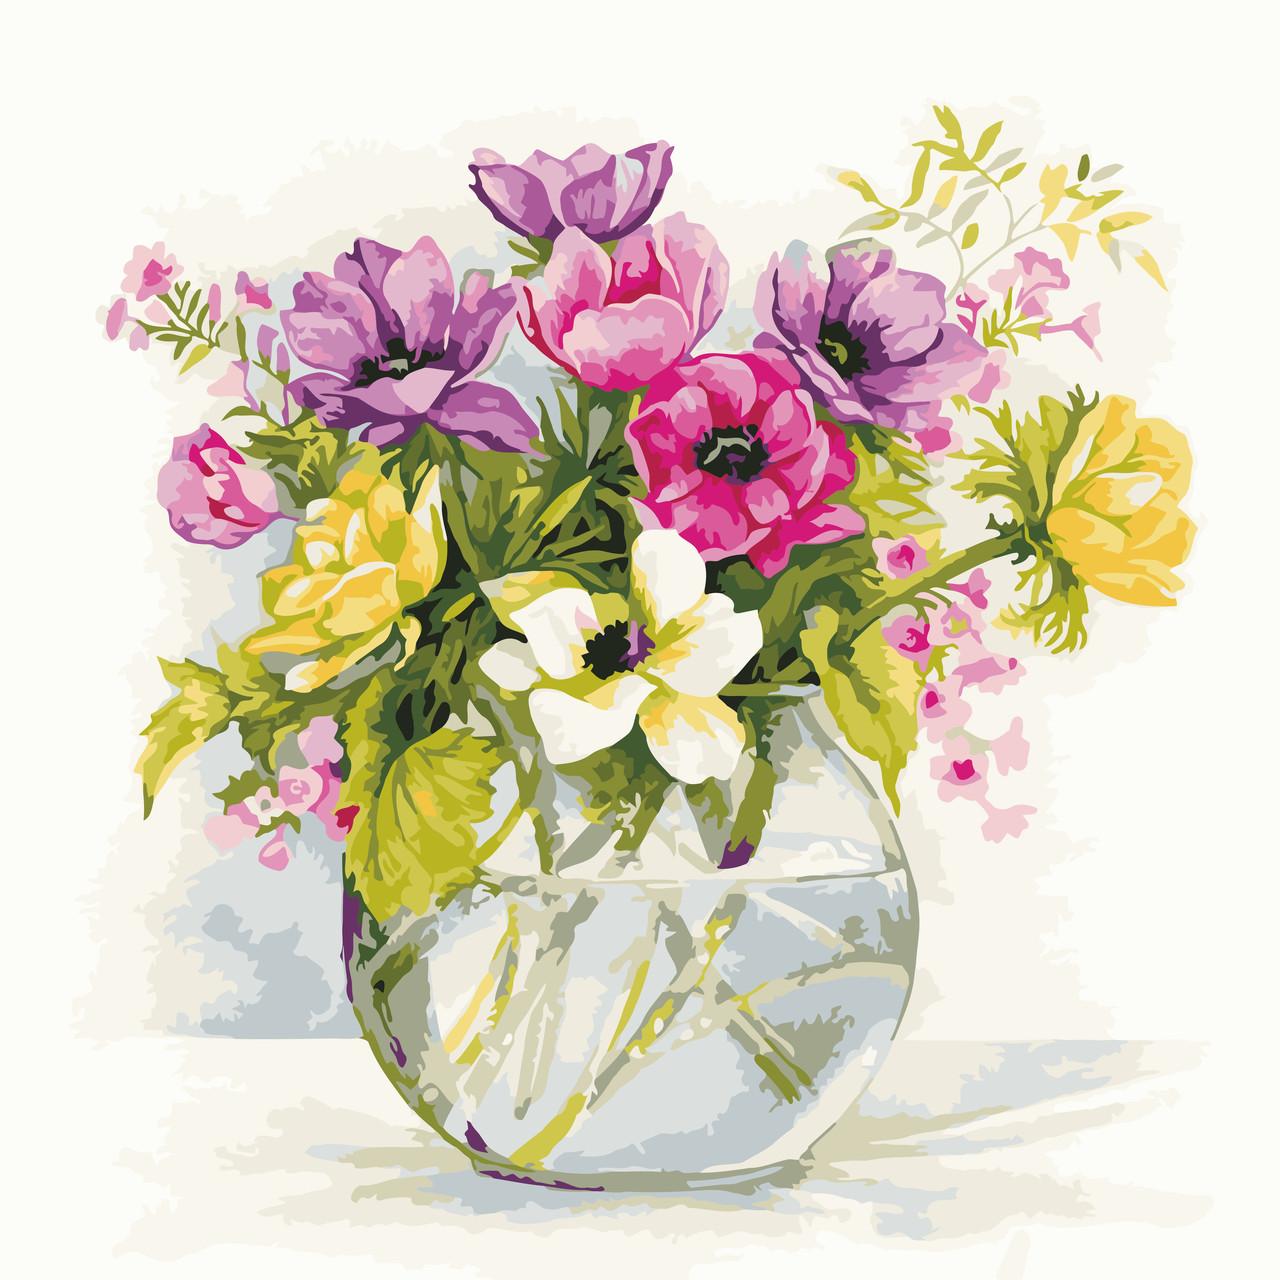 Художественный творческий набор, картина по номерам Нежные садовые цветы, 40x40 см, «Art Story» (AS0609)